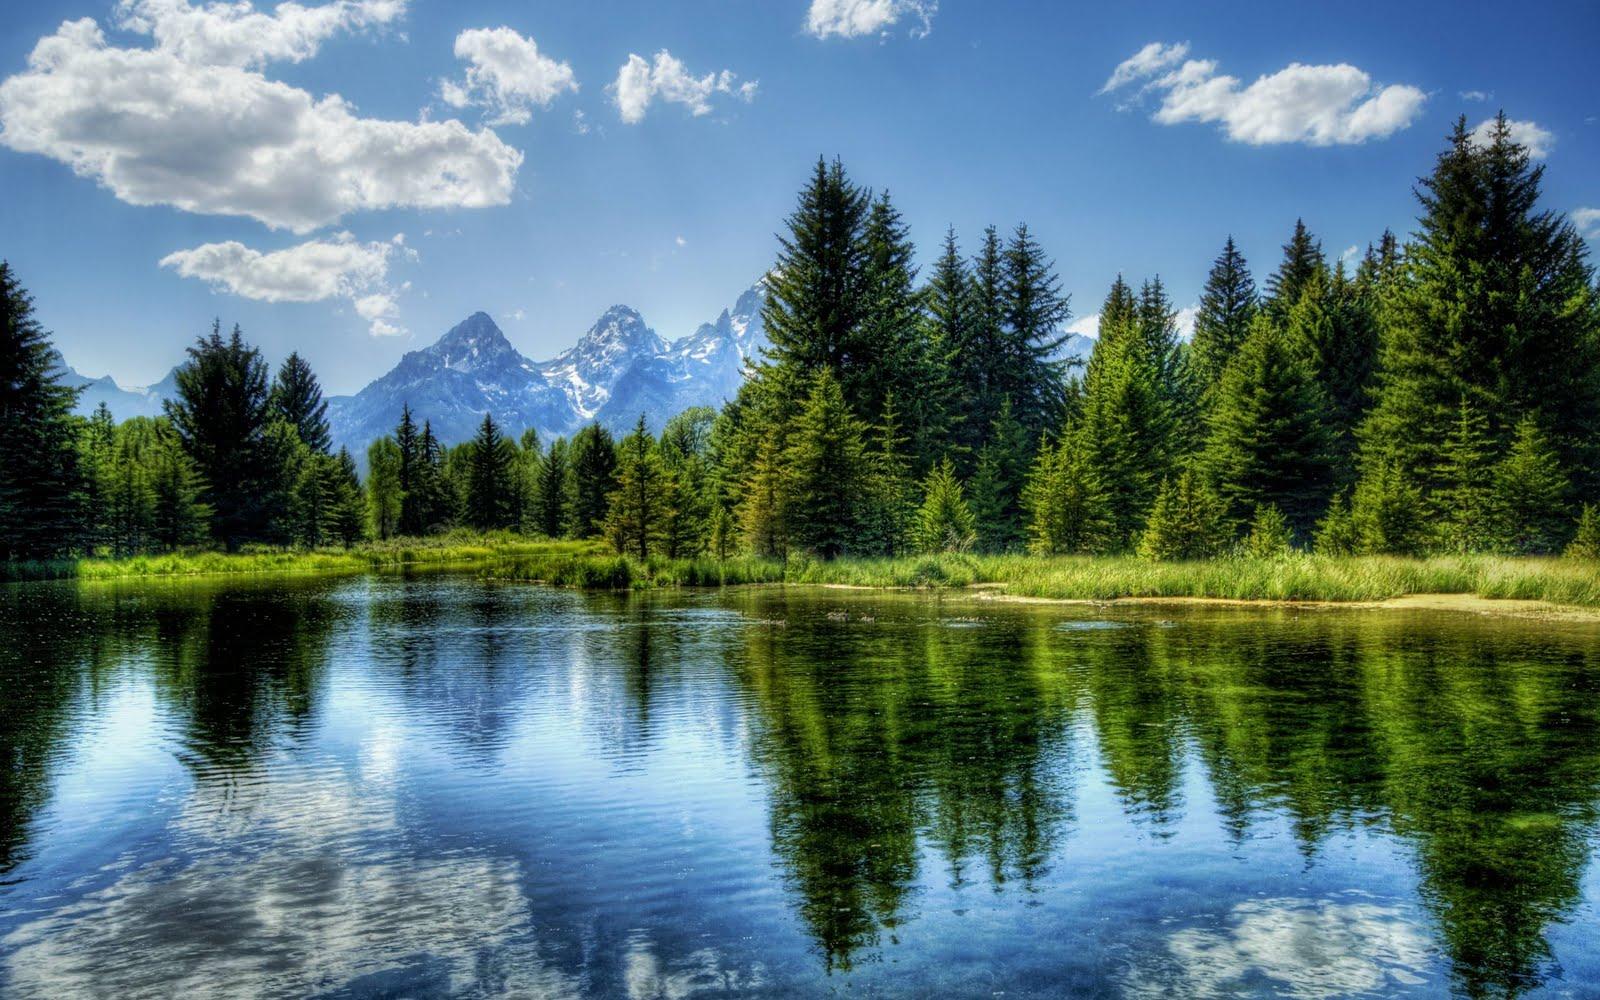 http://1.bp.blogspot.com/-LlUsuvx87zM/Tl-cX6Bhp7I/AAAAAAAACzg/QDzvhFjf48E/s1600/Reflection_on_Water_HD_Nature_Wallpaper_www.Vvallpaper.Net_4.jpg